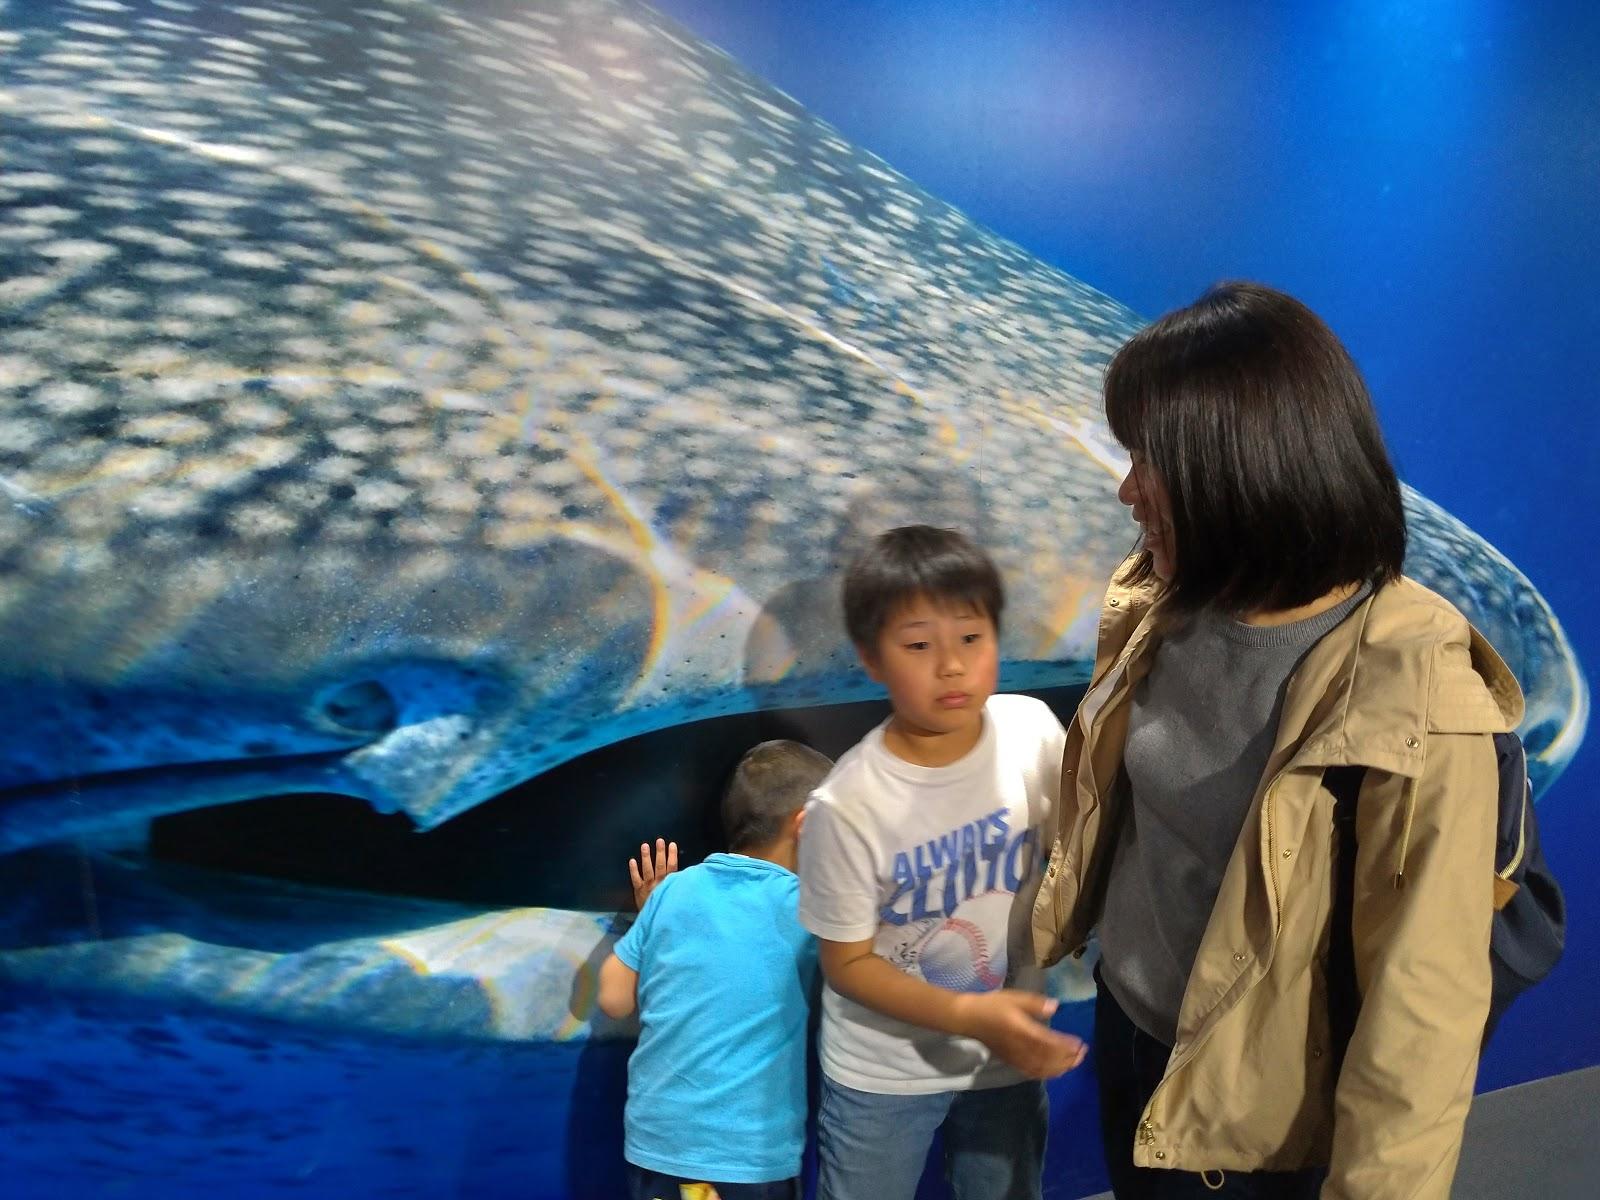 ジンベイザメの写真で一枚